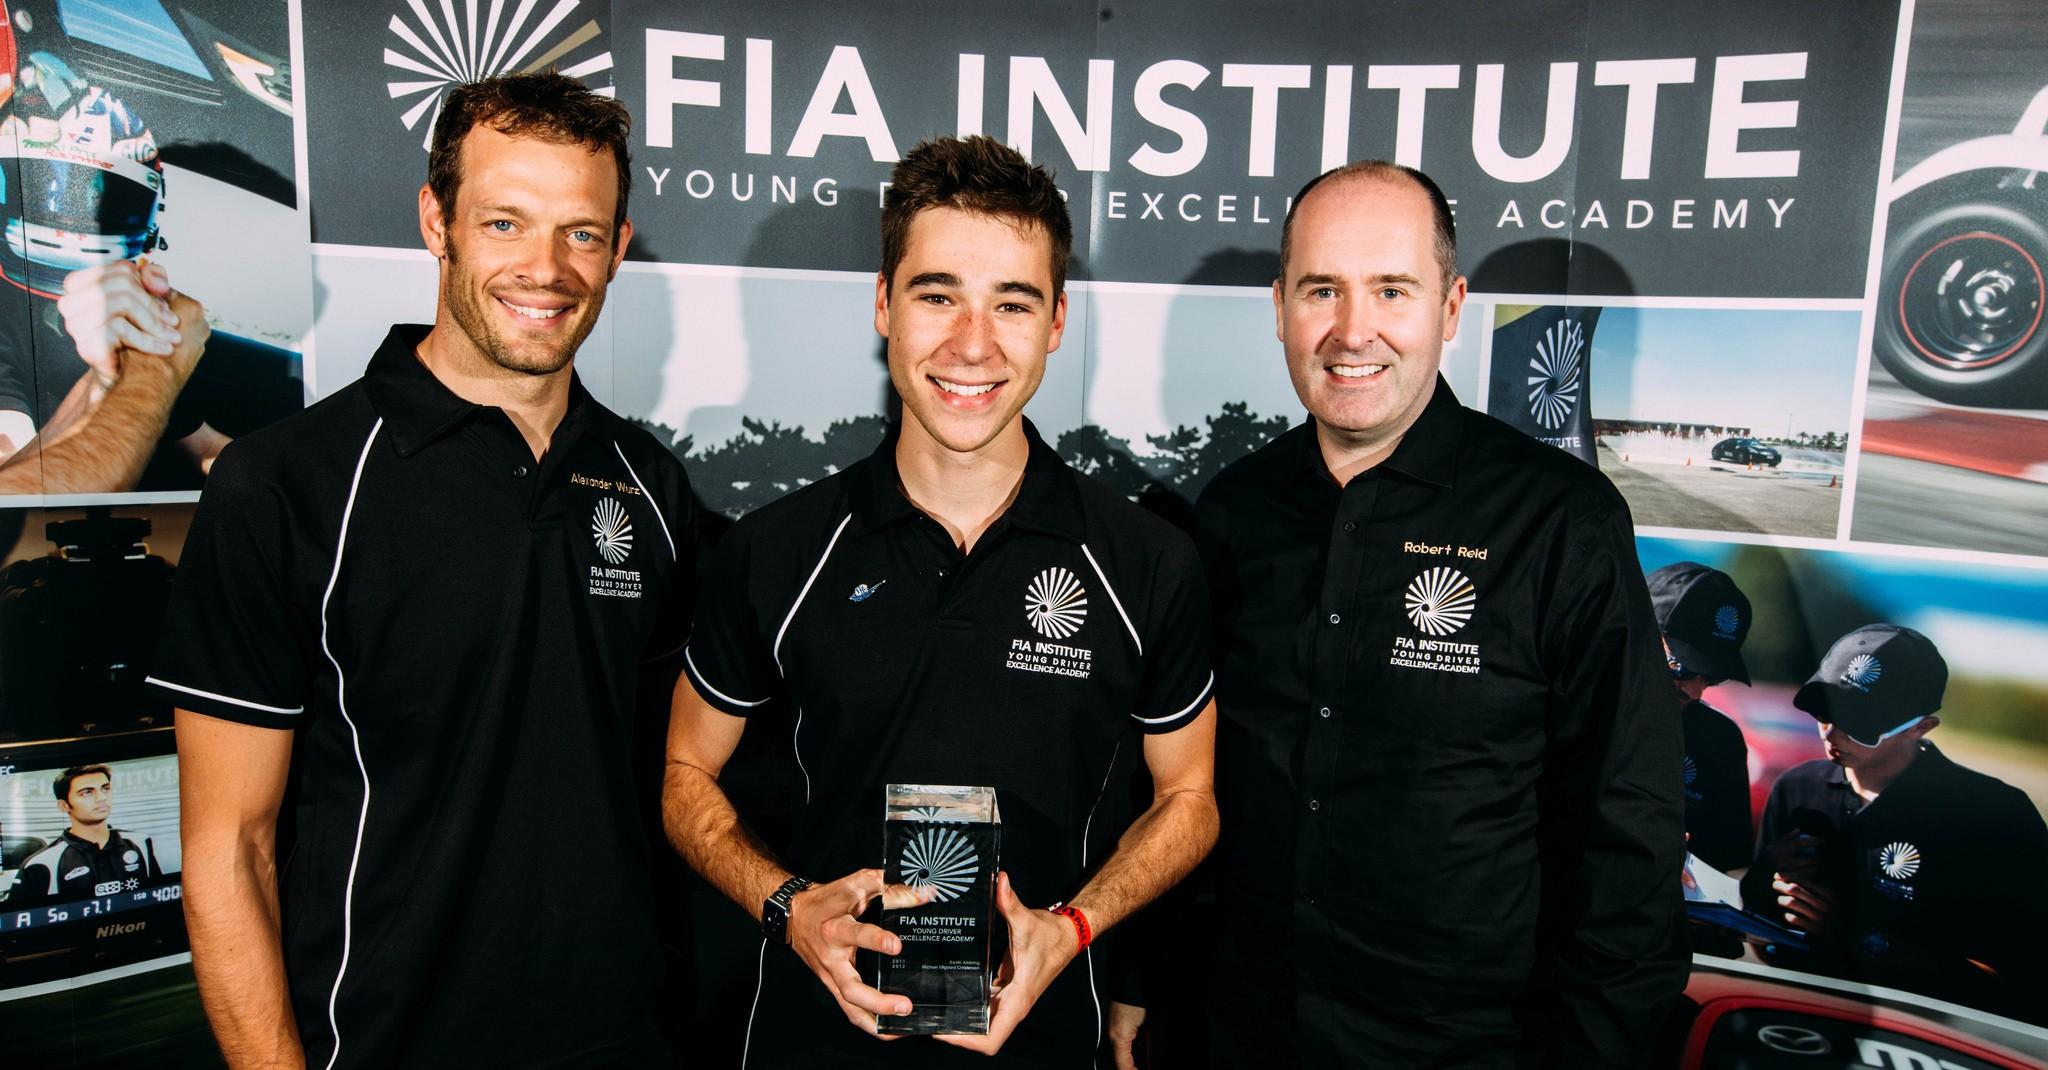 Van der Linde Wins International Elite FIA Academy